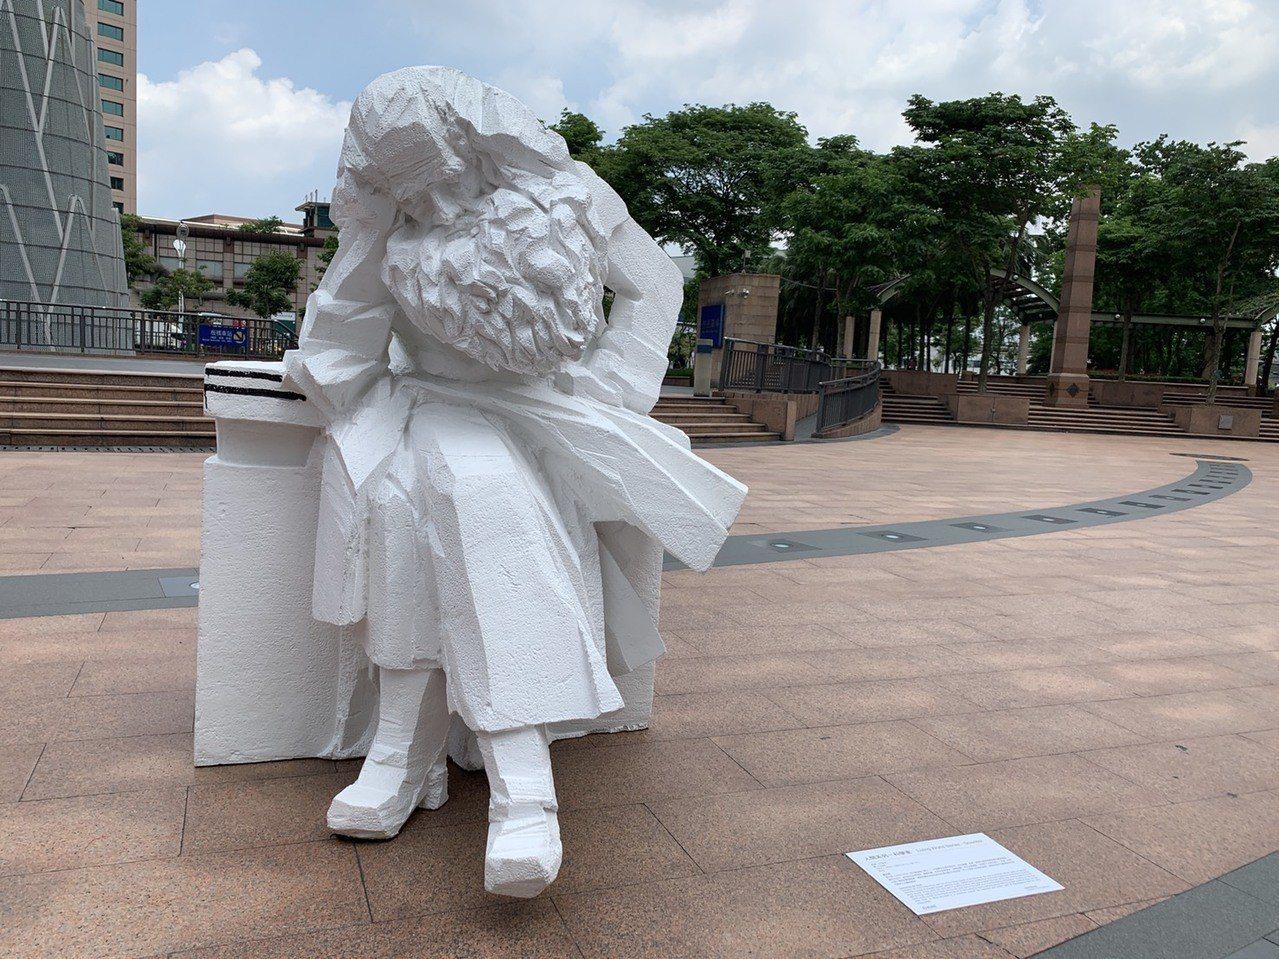 朱銘「人間系列─科學家」雕塑品中萊特兄弟、達爾文及達文西3座從未發表過的新作品,...